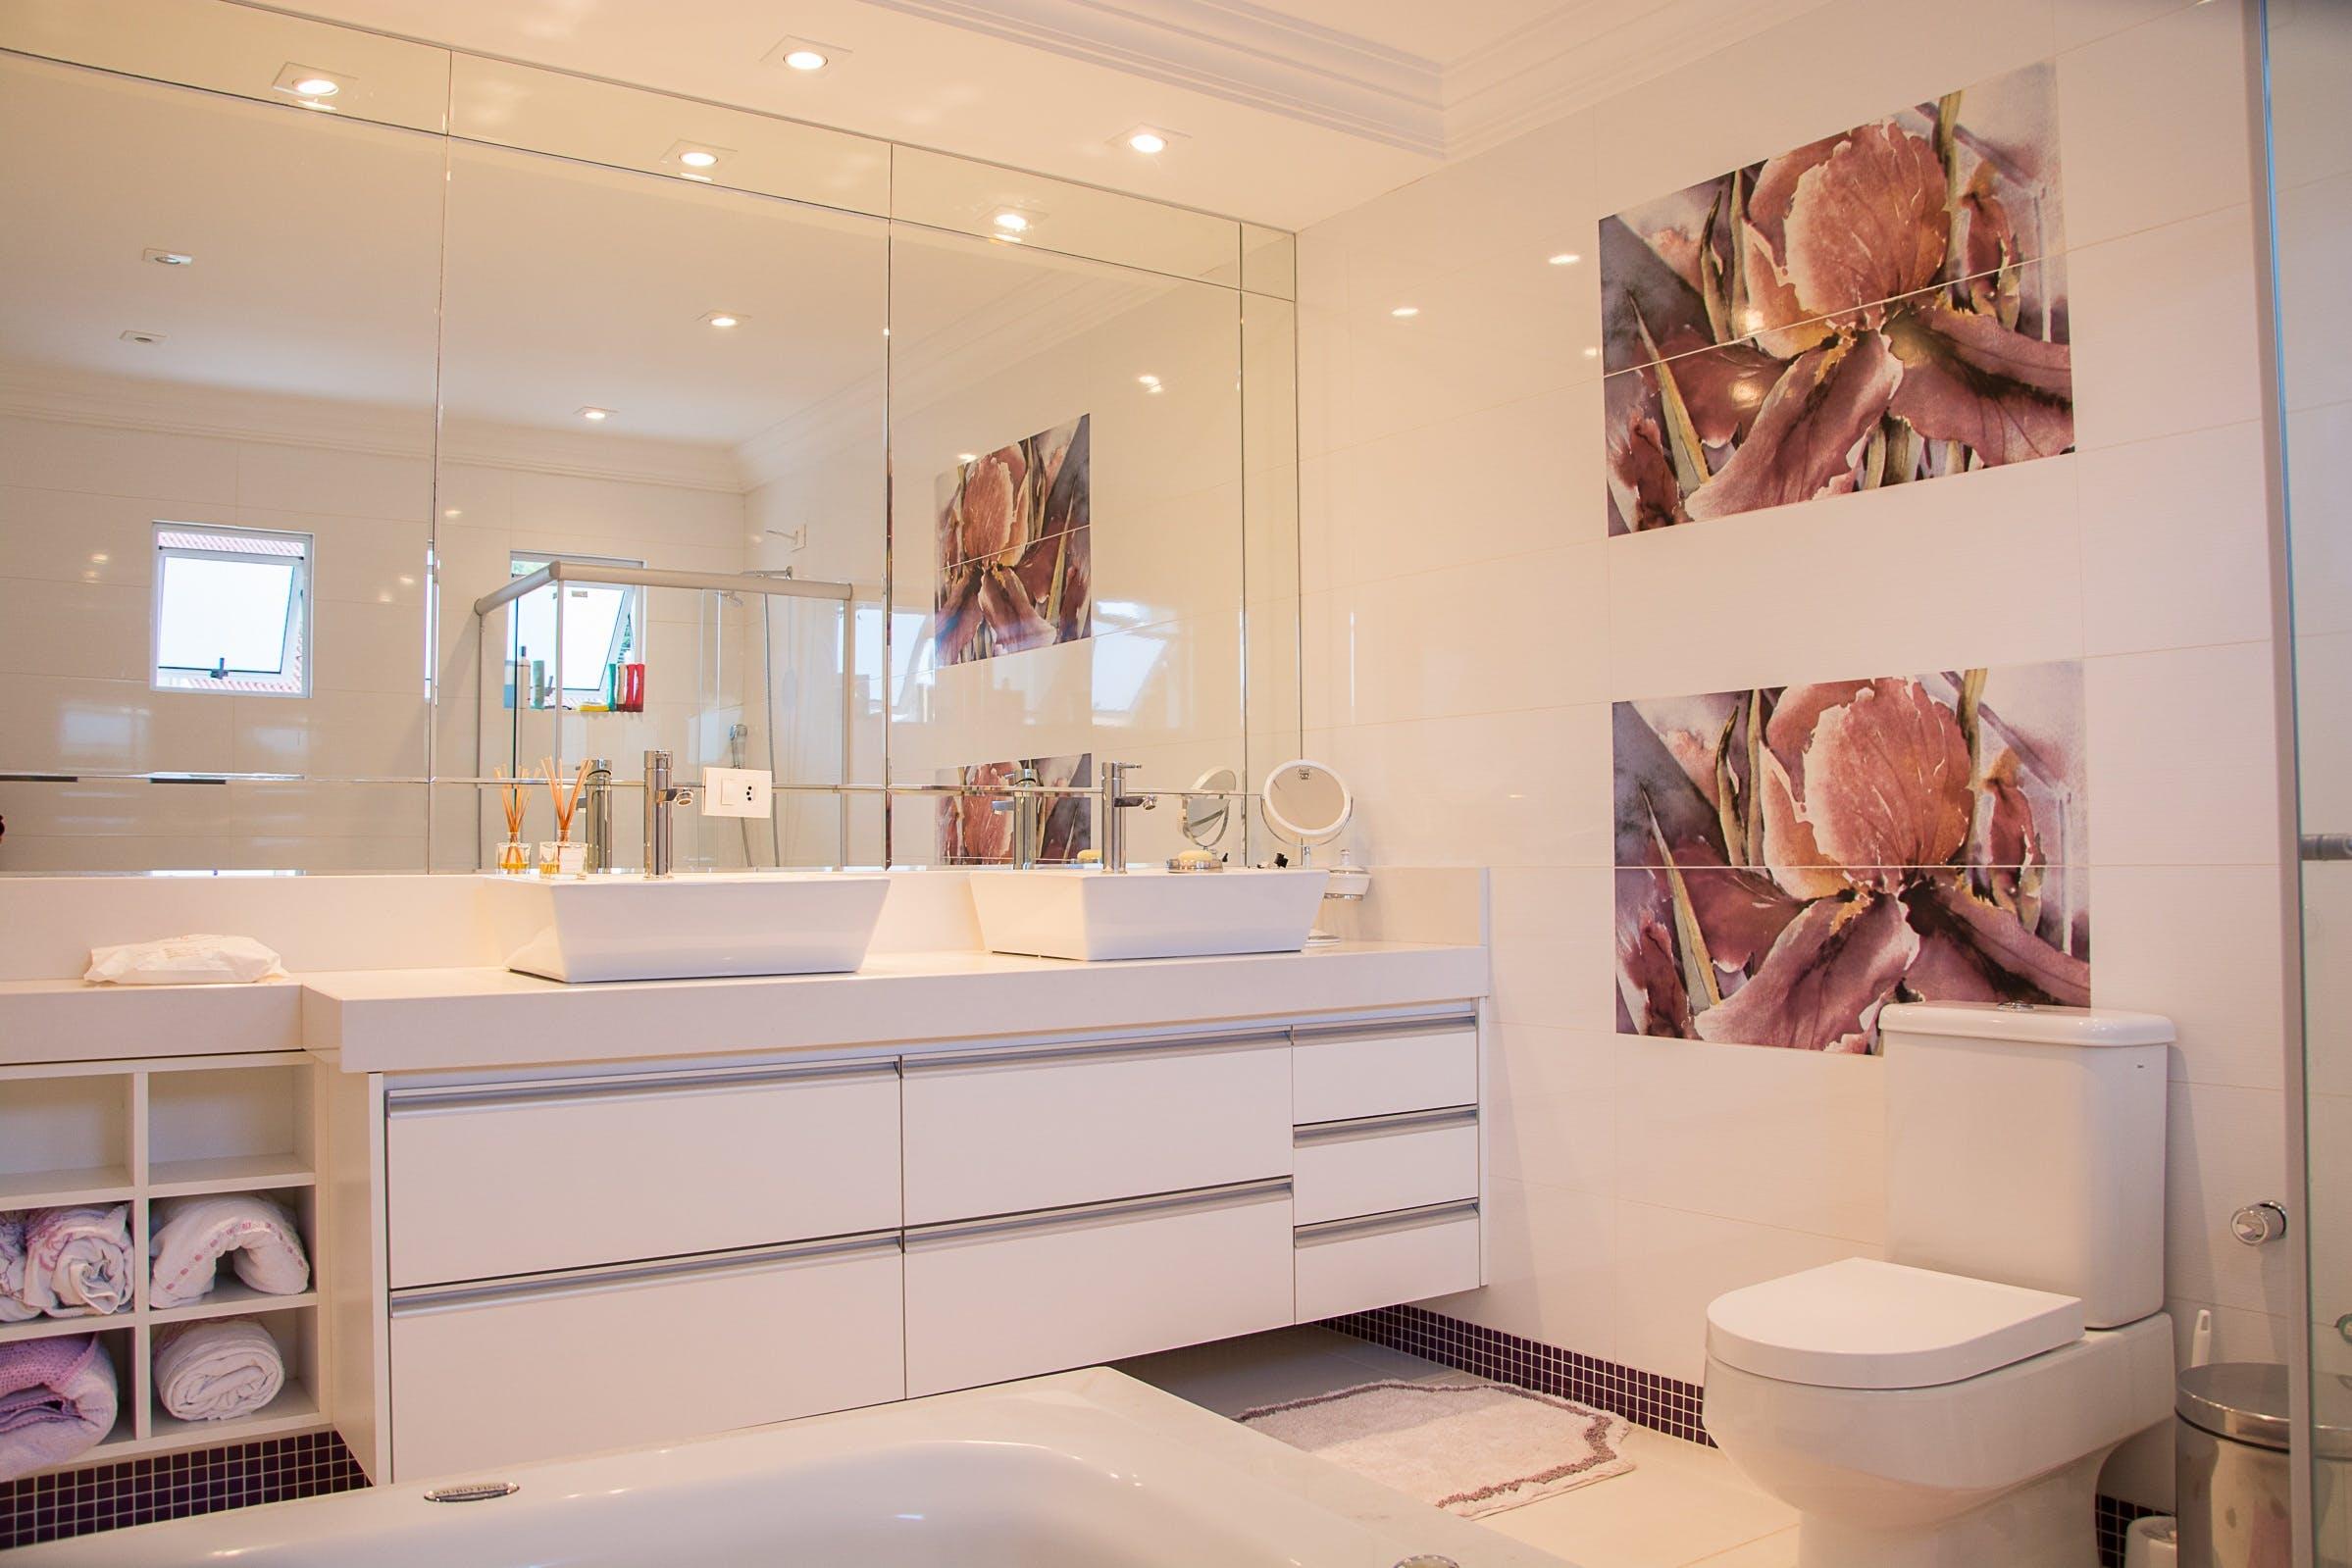 zu architektur, badezimmer, drinnen, dusche